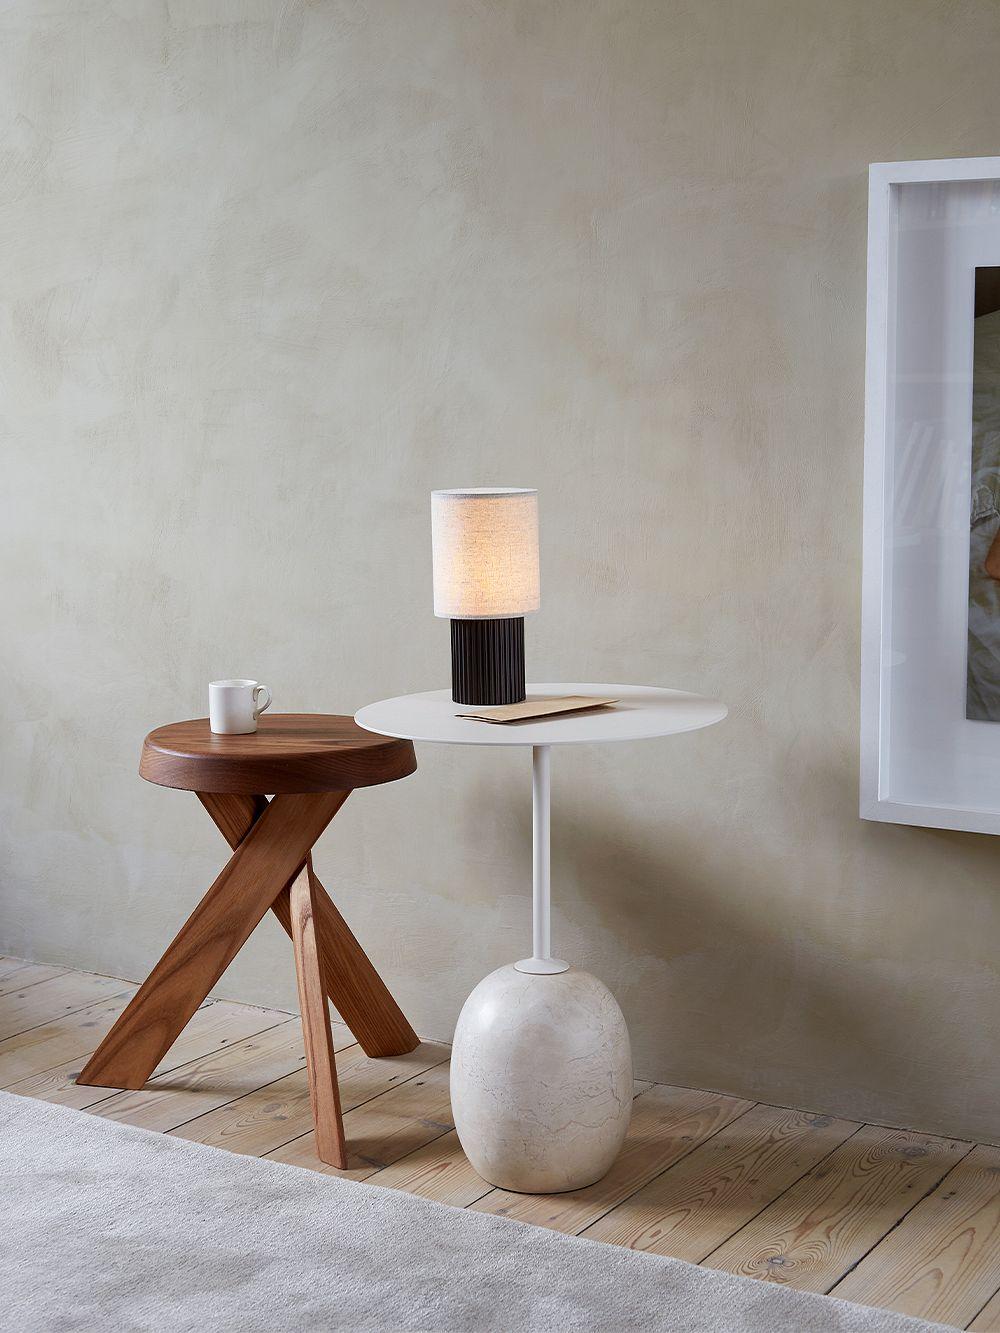 &Tradition Lato LN8 coffee table, white - Cream Diva marble